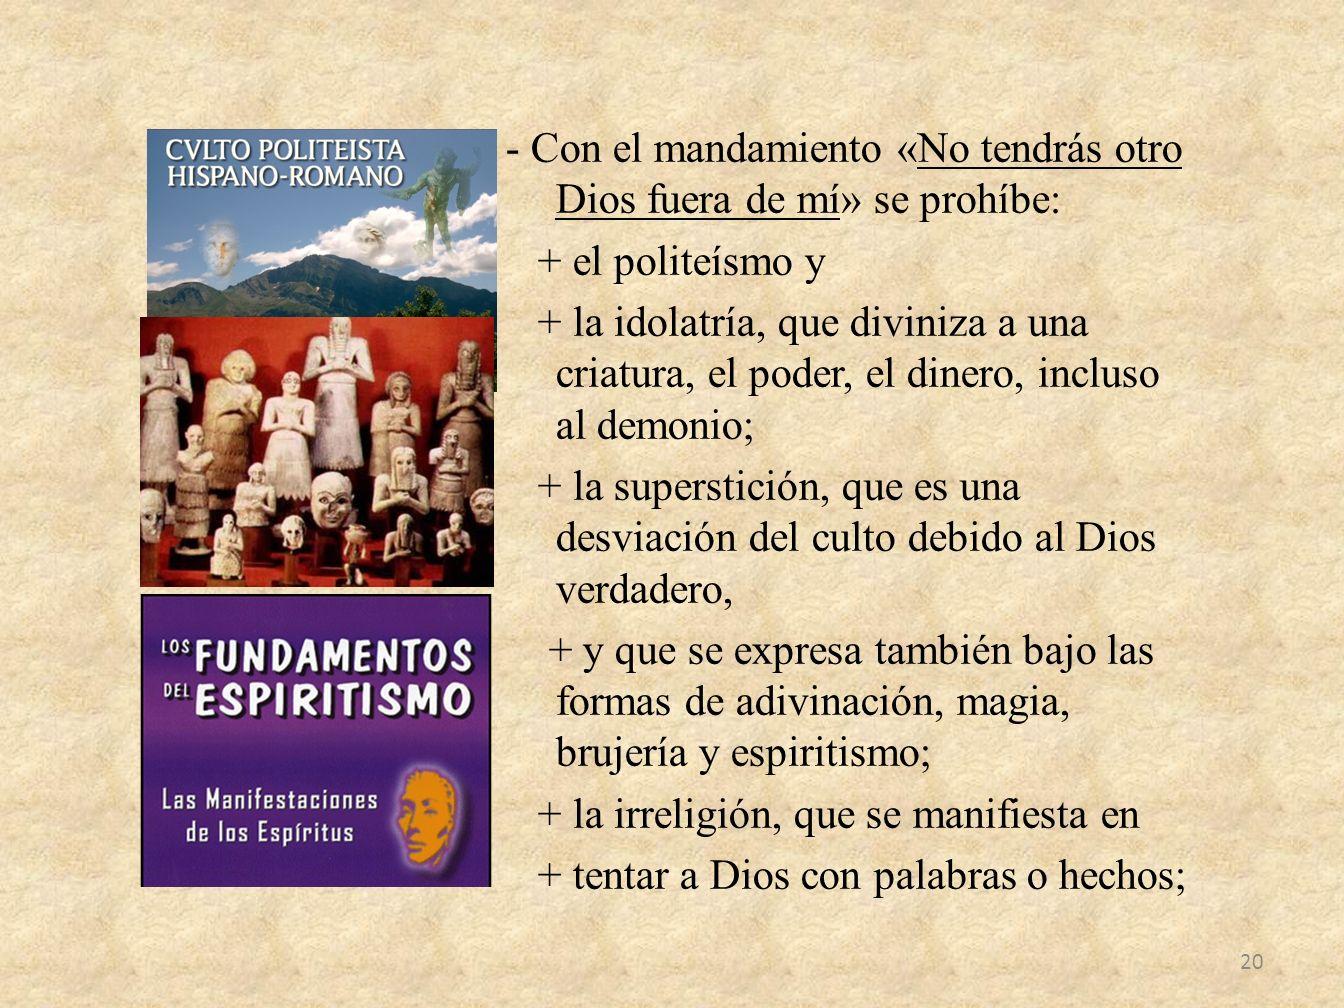 - Con el mandamiento «No tendrás otro Dios fuera de mí» se prohíbe: + el politeísmo y + la idolatría, que diviniza a una criatura, el poder, el dinero